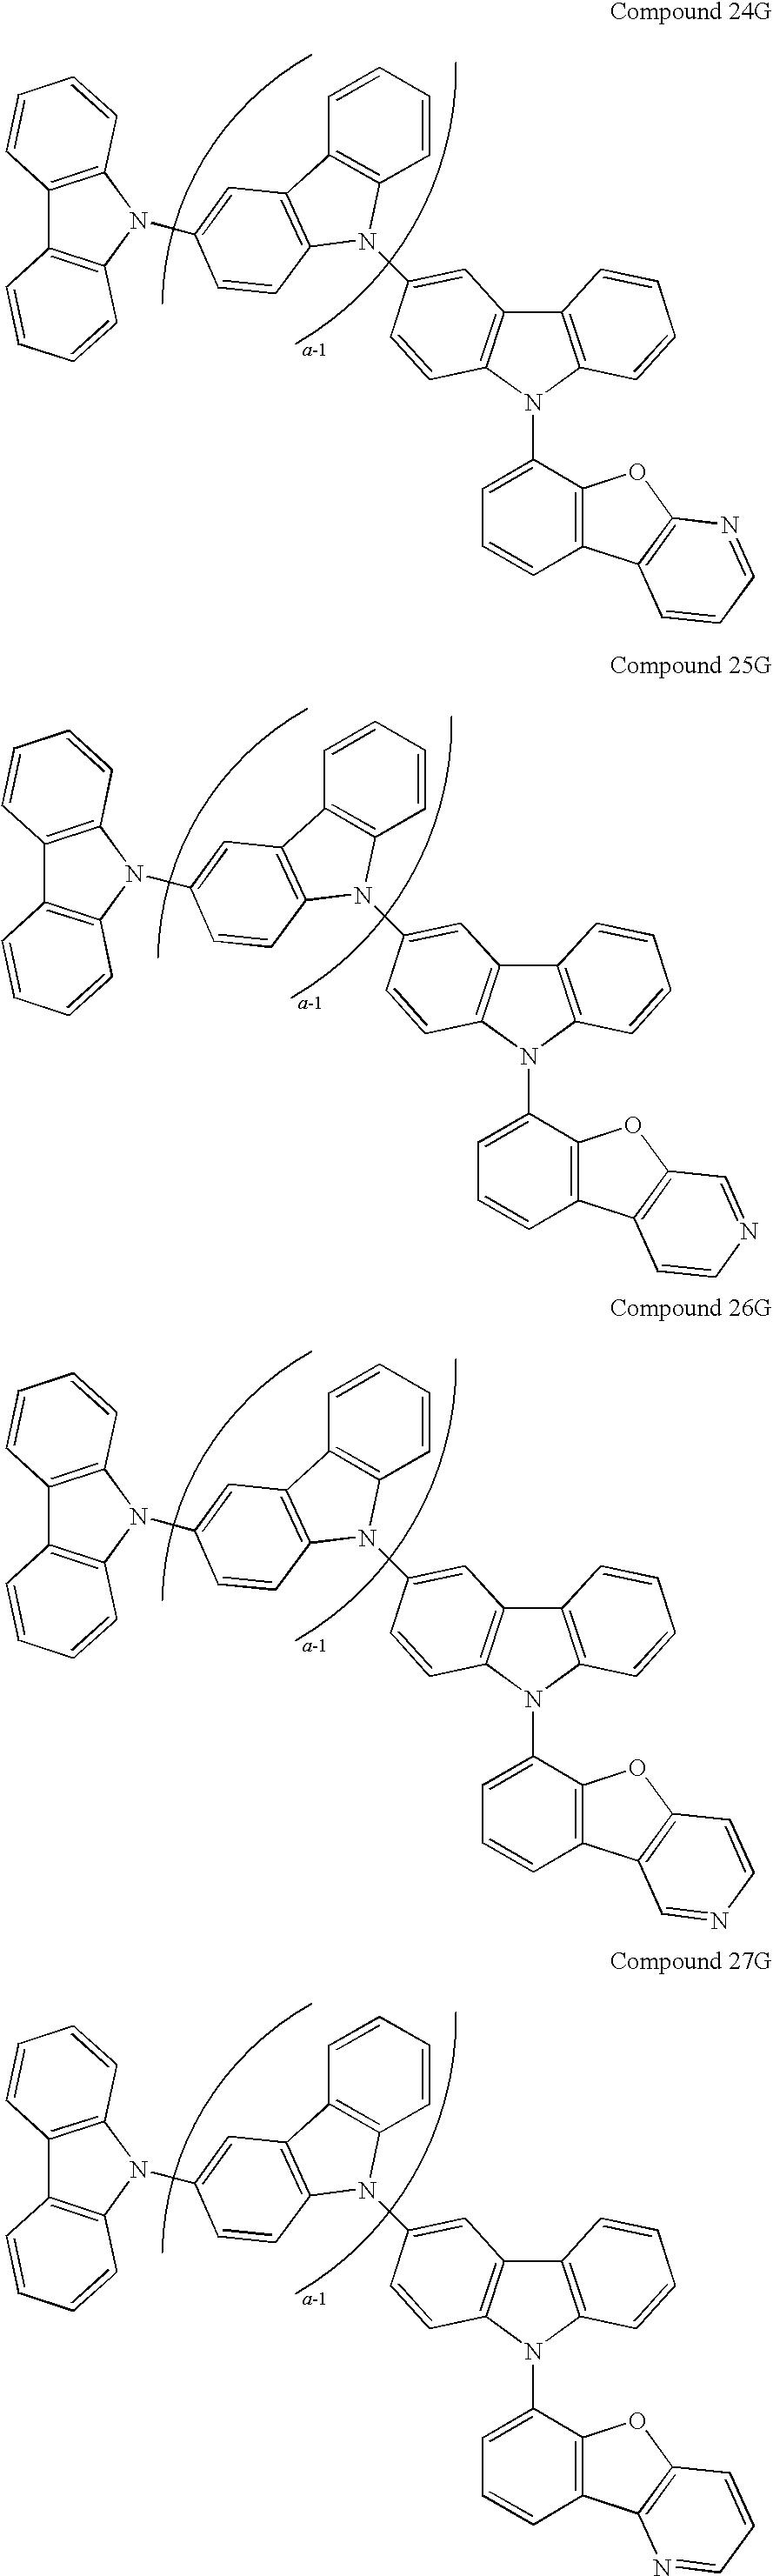 Figure US20090134784A1-20090528-C00207